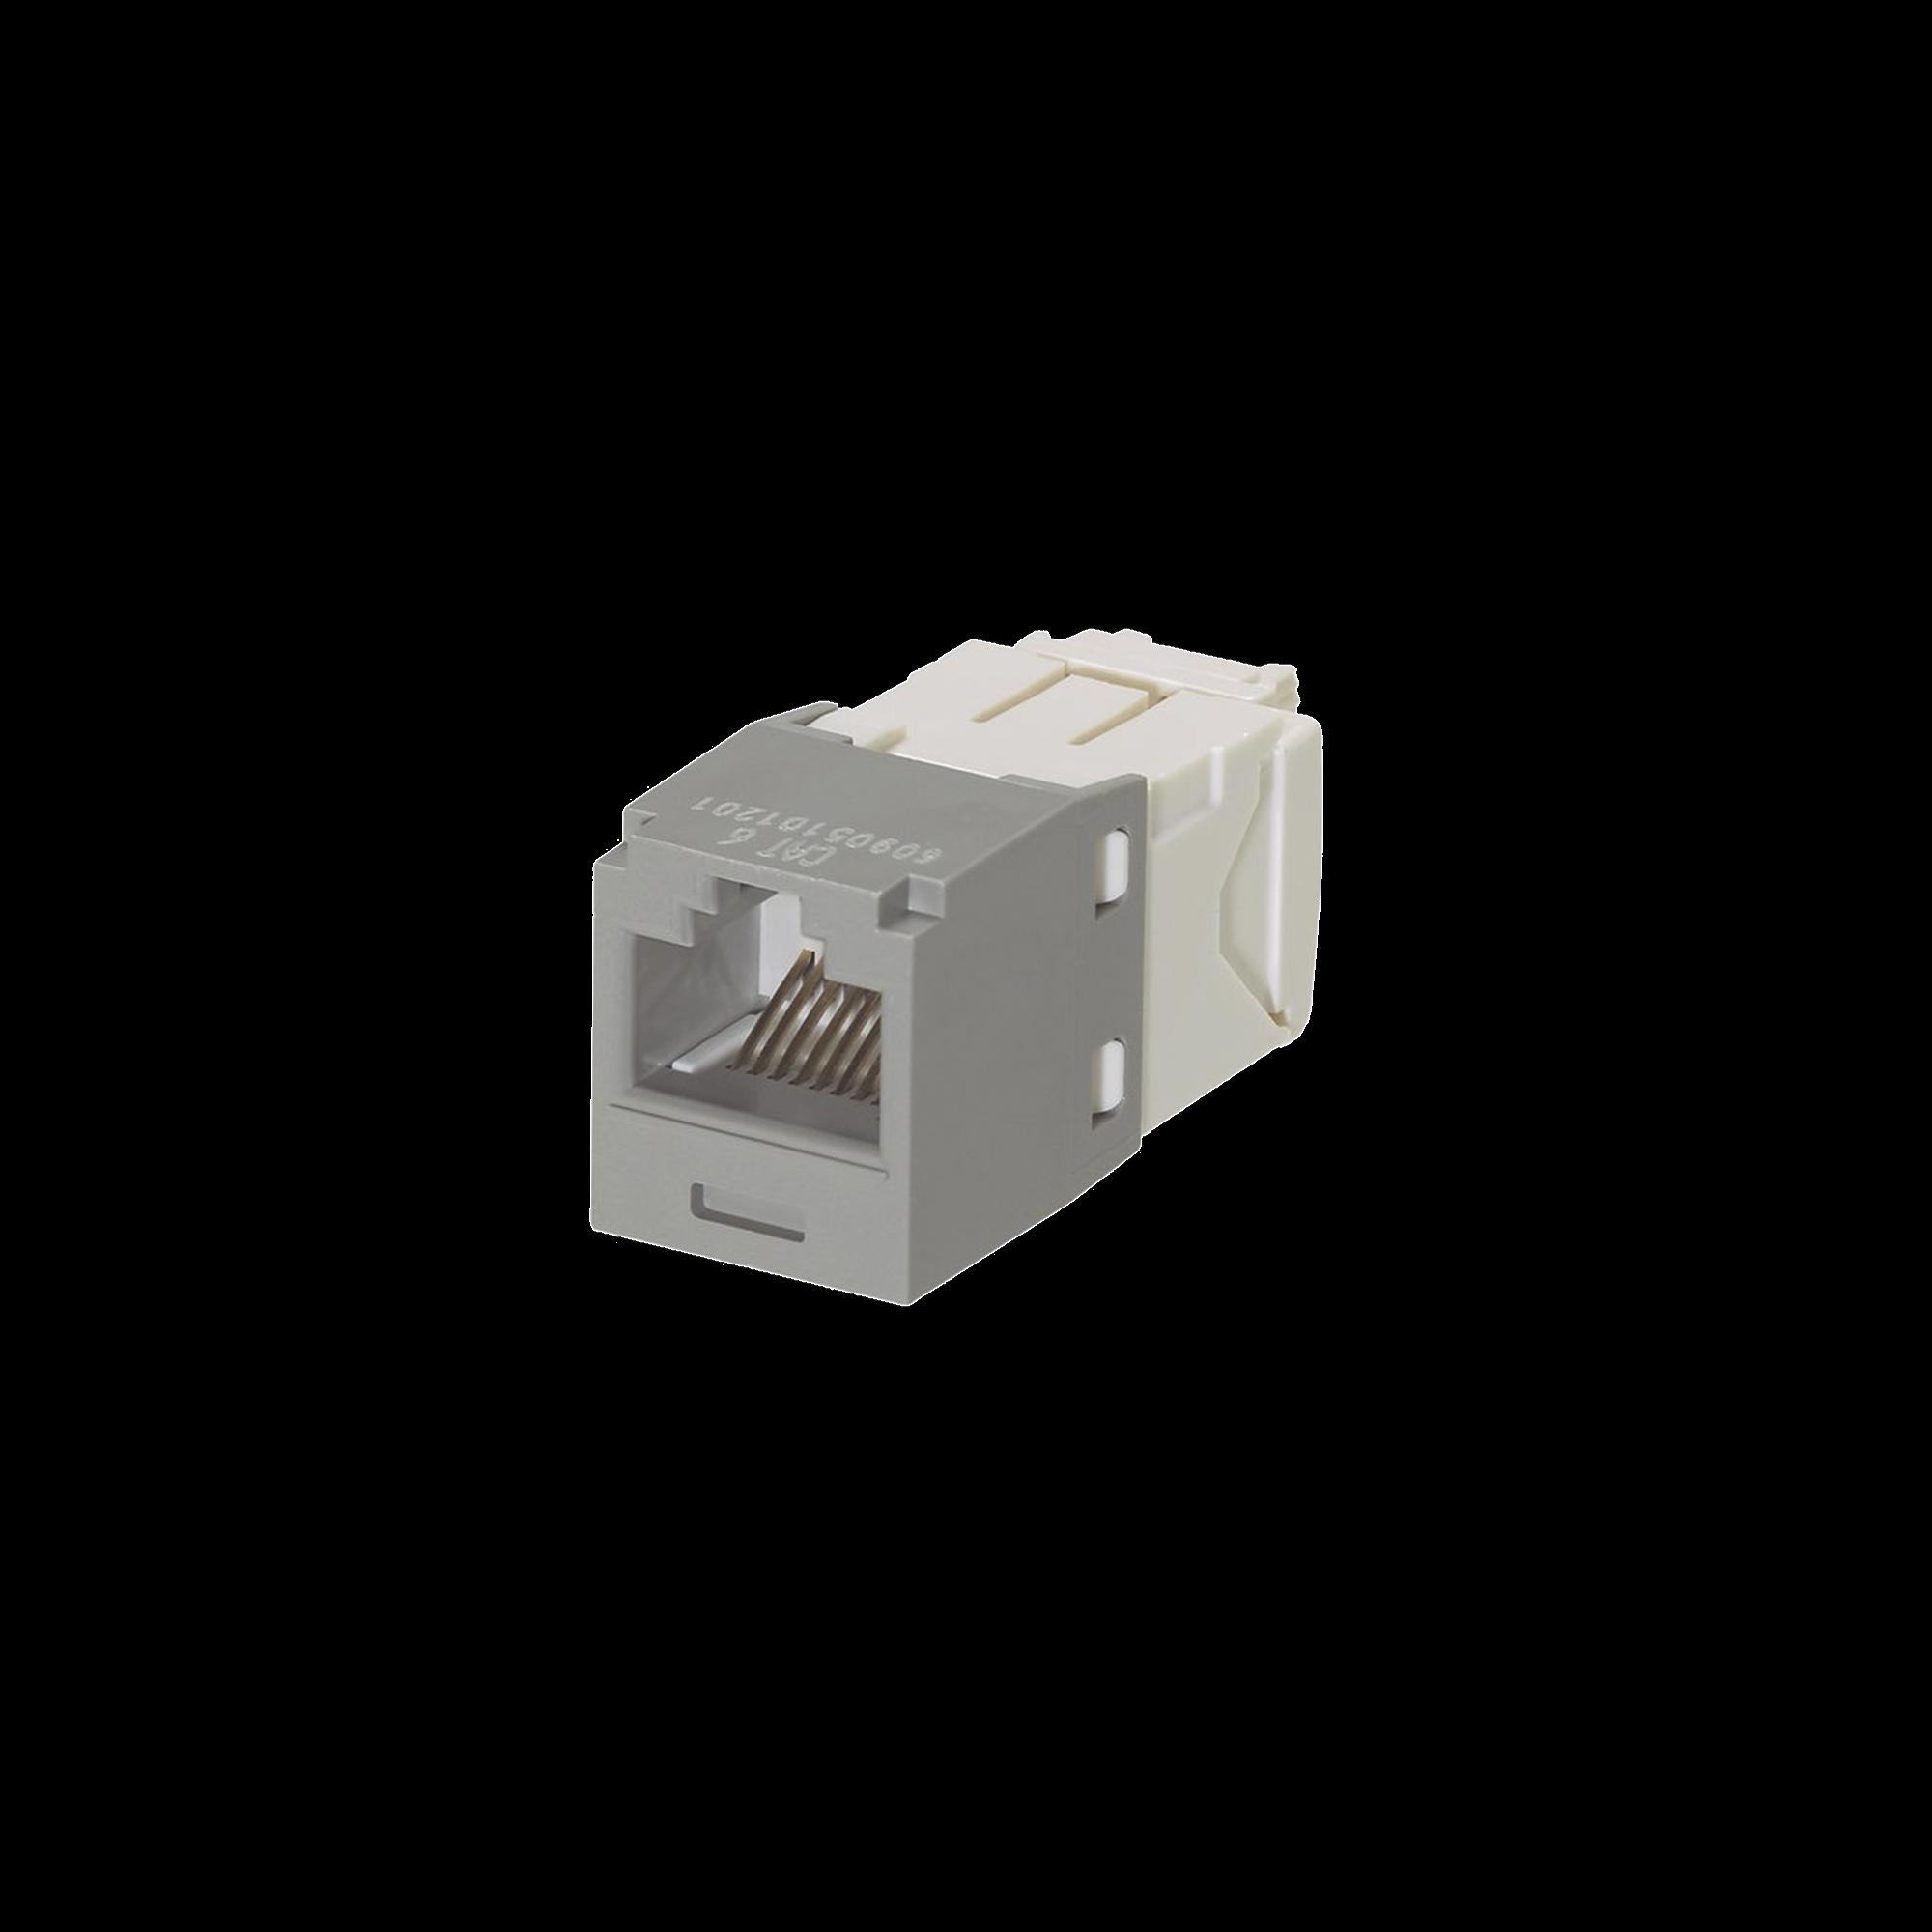 Conector Jack RJ45 Estilo TG, Mini-Com, Categoría 6, de 8 posiciones y 8 cables, Color Gris